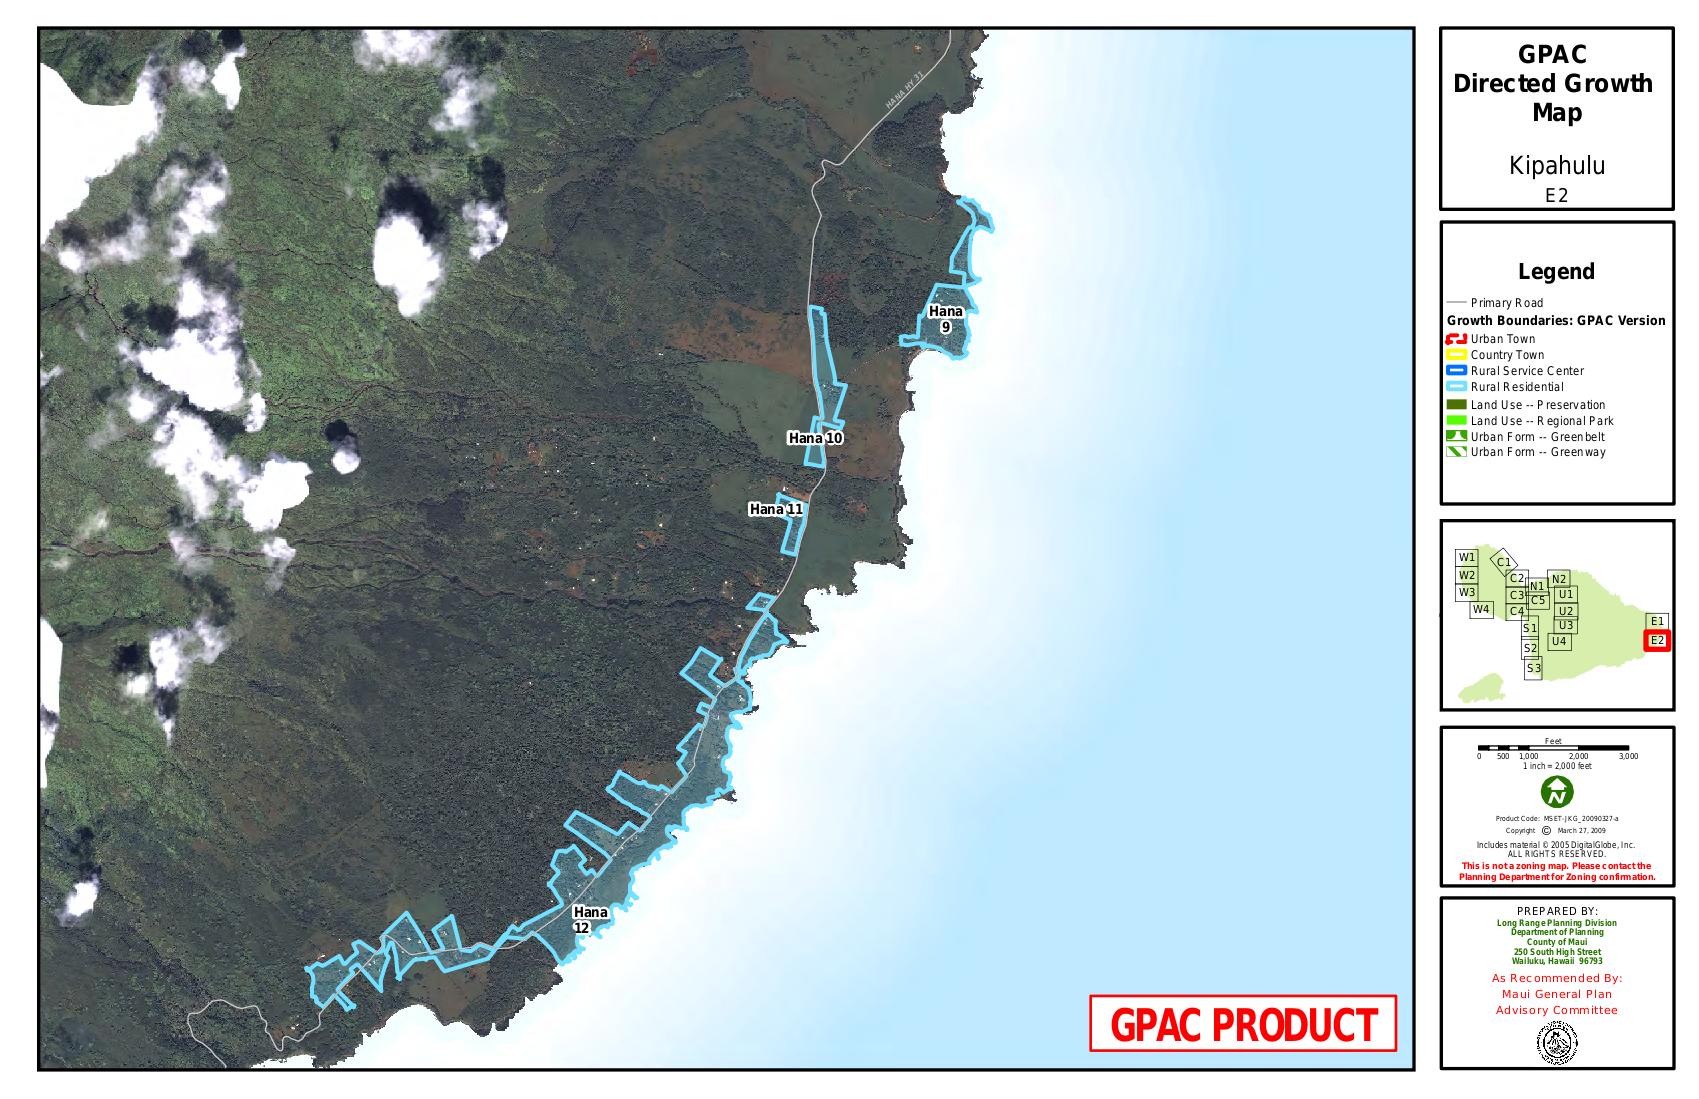 GPAC Directed Growth Map Kipahulu